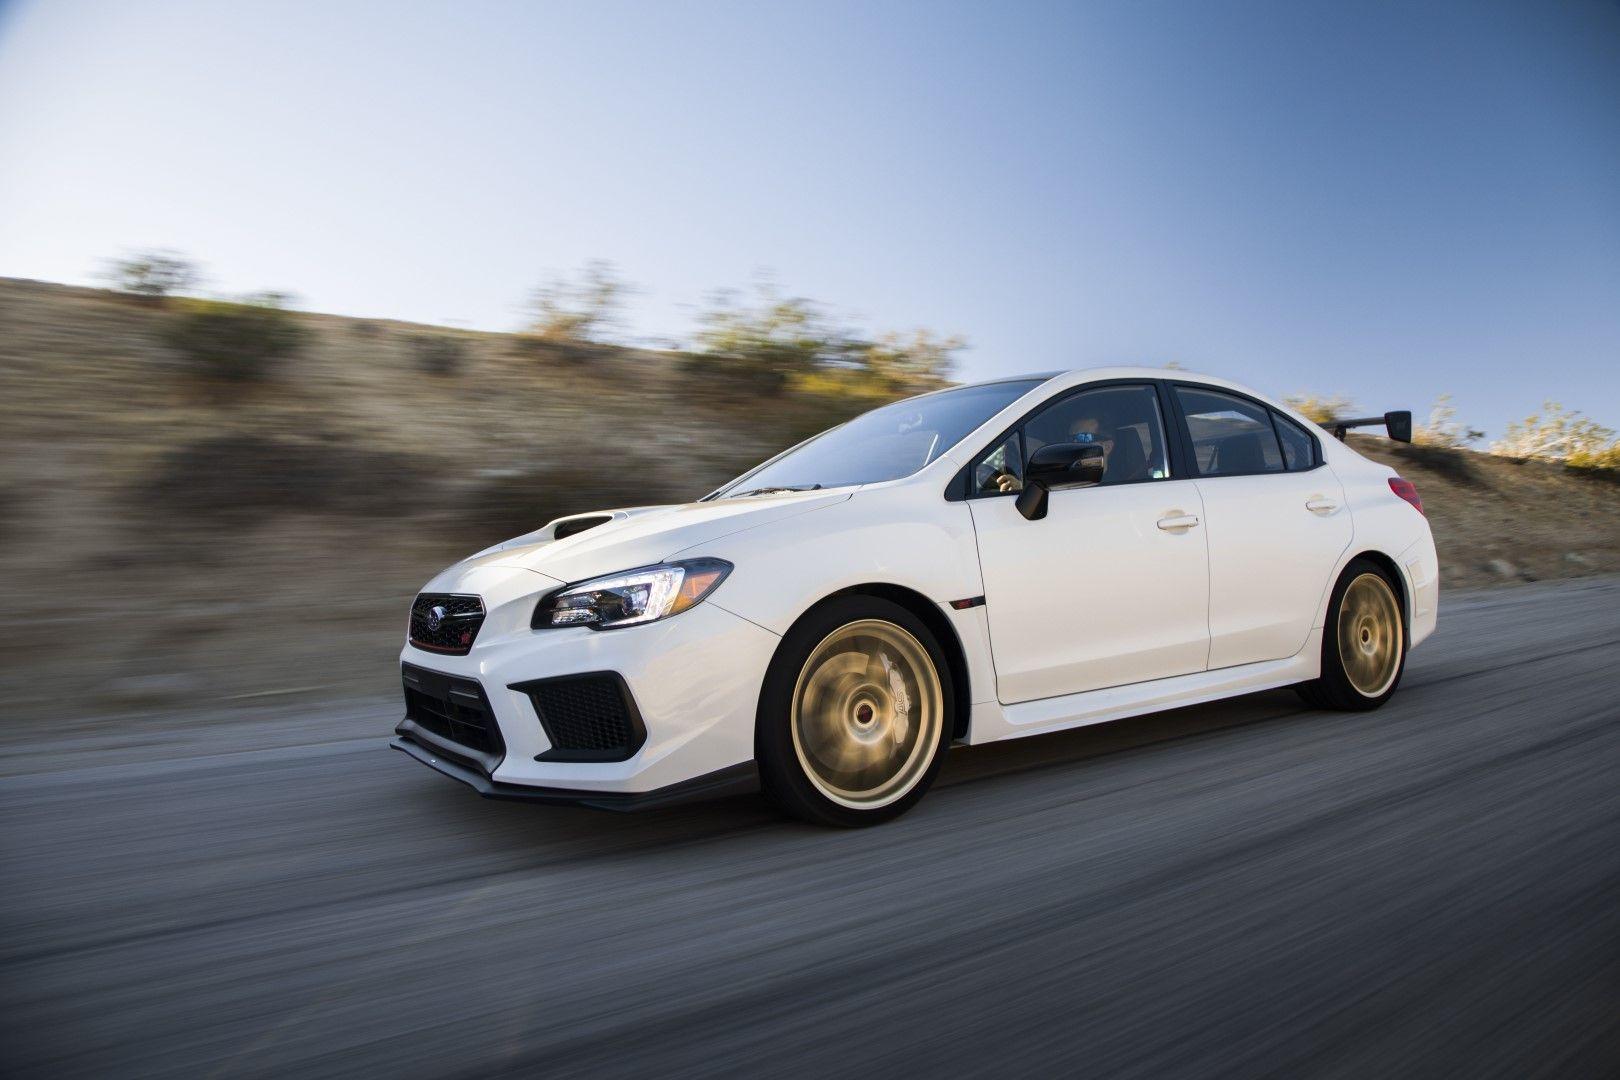 2018 Subaru STI Type RA Subaru wrx, Wrx sti, Wrx